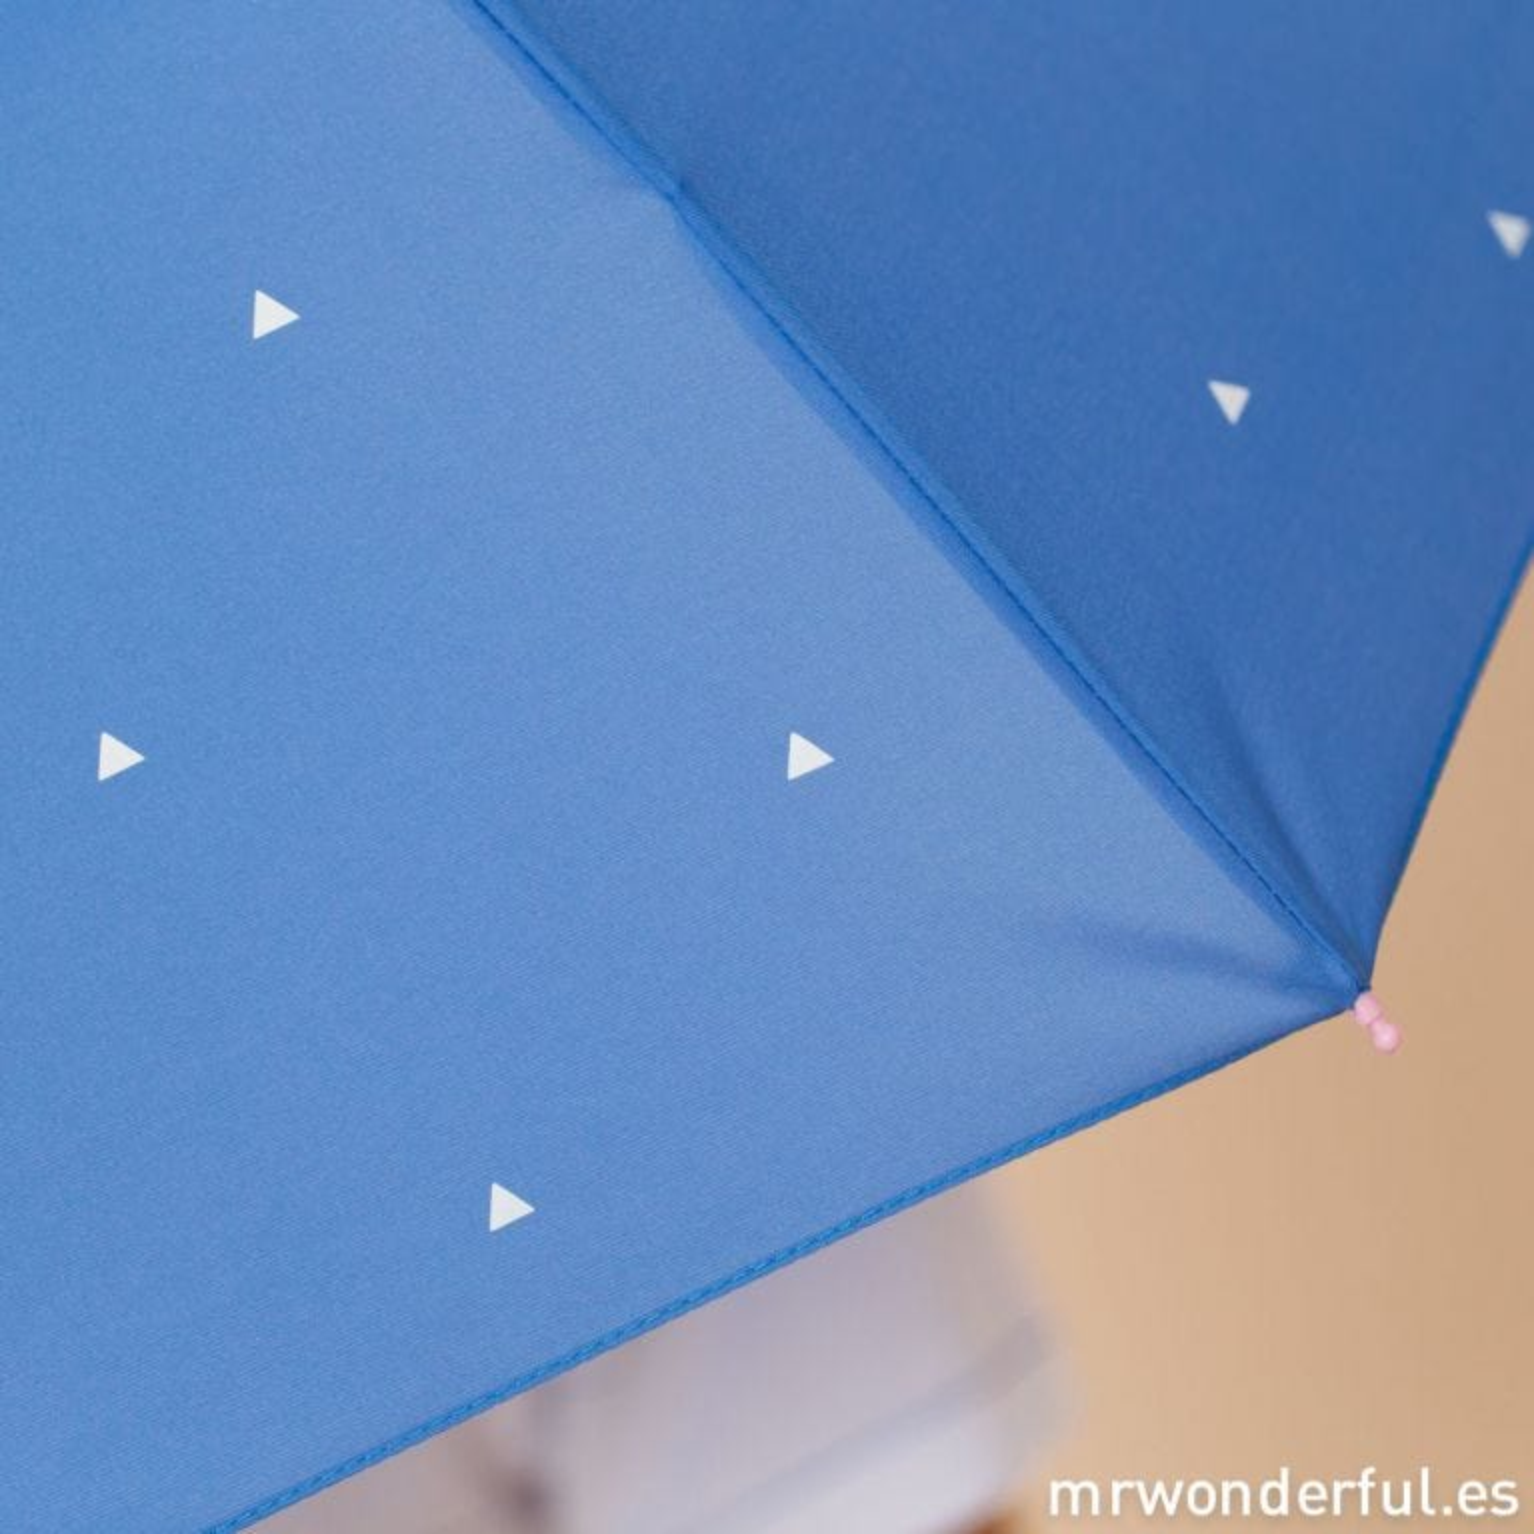 Paraguas mediano - Aunque caiga el diluvio universal, hoy será un día genial